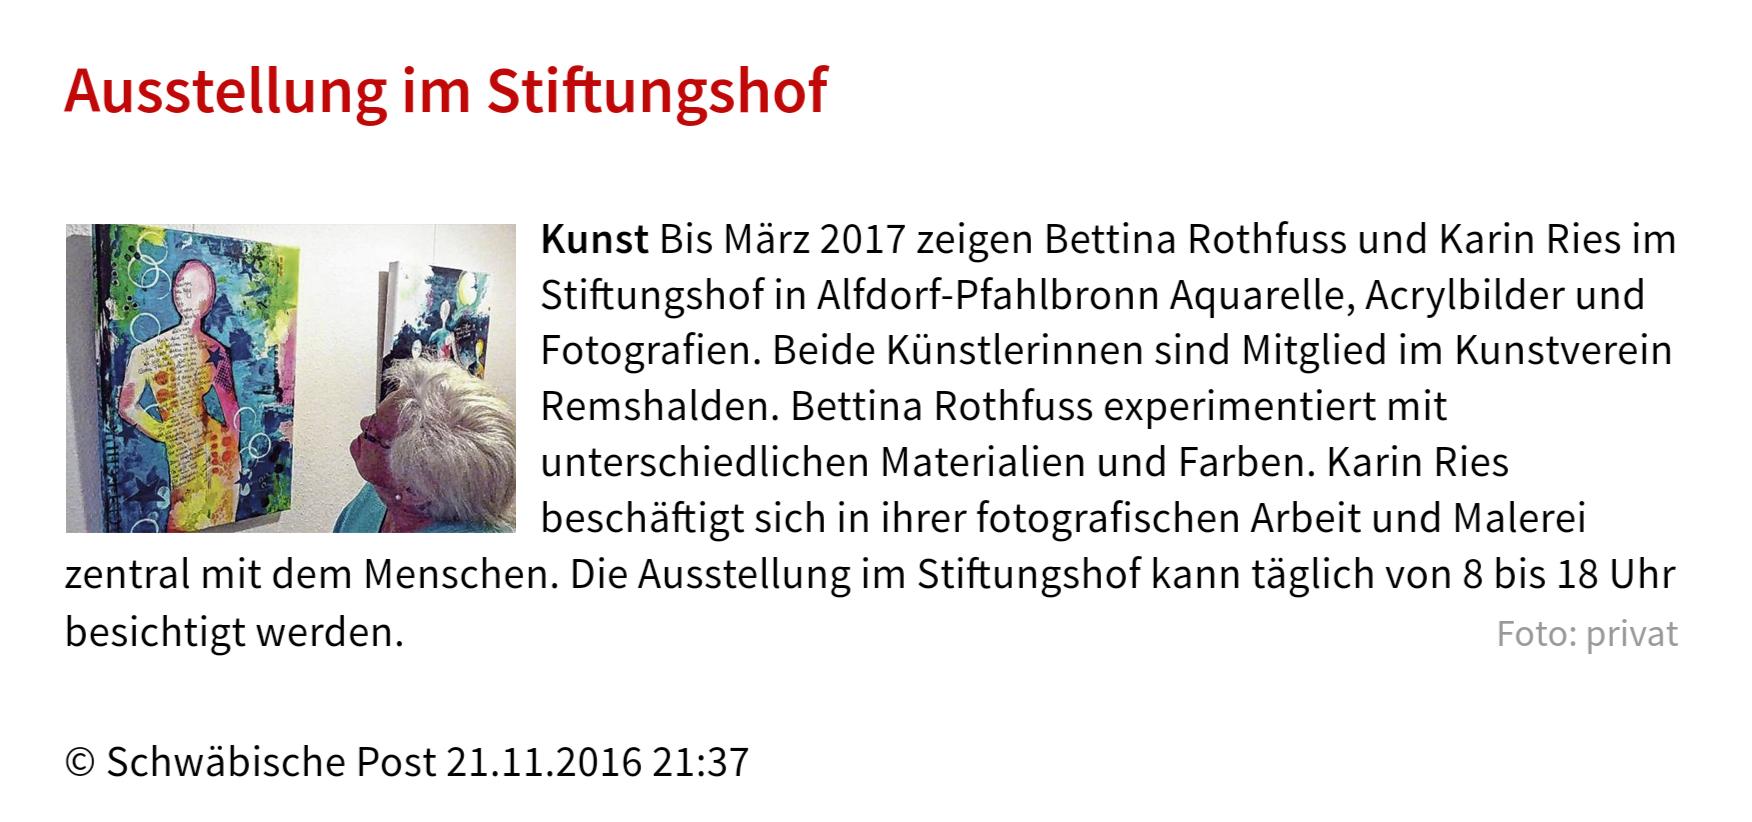 Ausstellung in der Pflegeeinrichtung Stiftungshof Haubenwasen in Alfdorf-Pfahlbronn. Artikel der Schwäbischen Post.